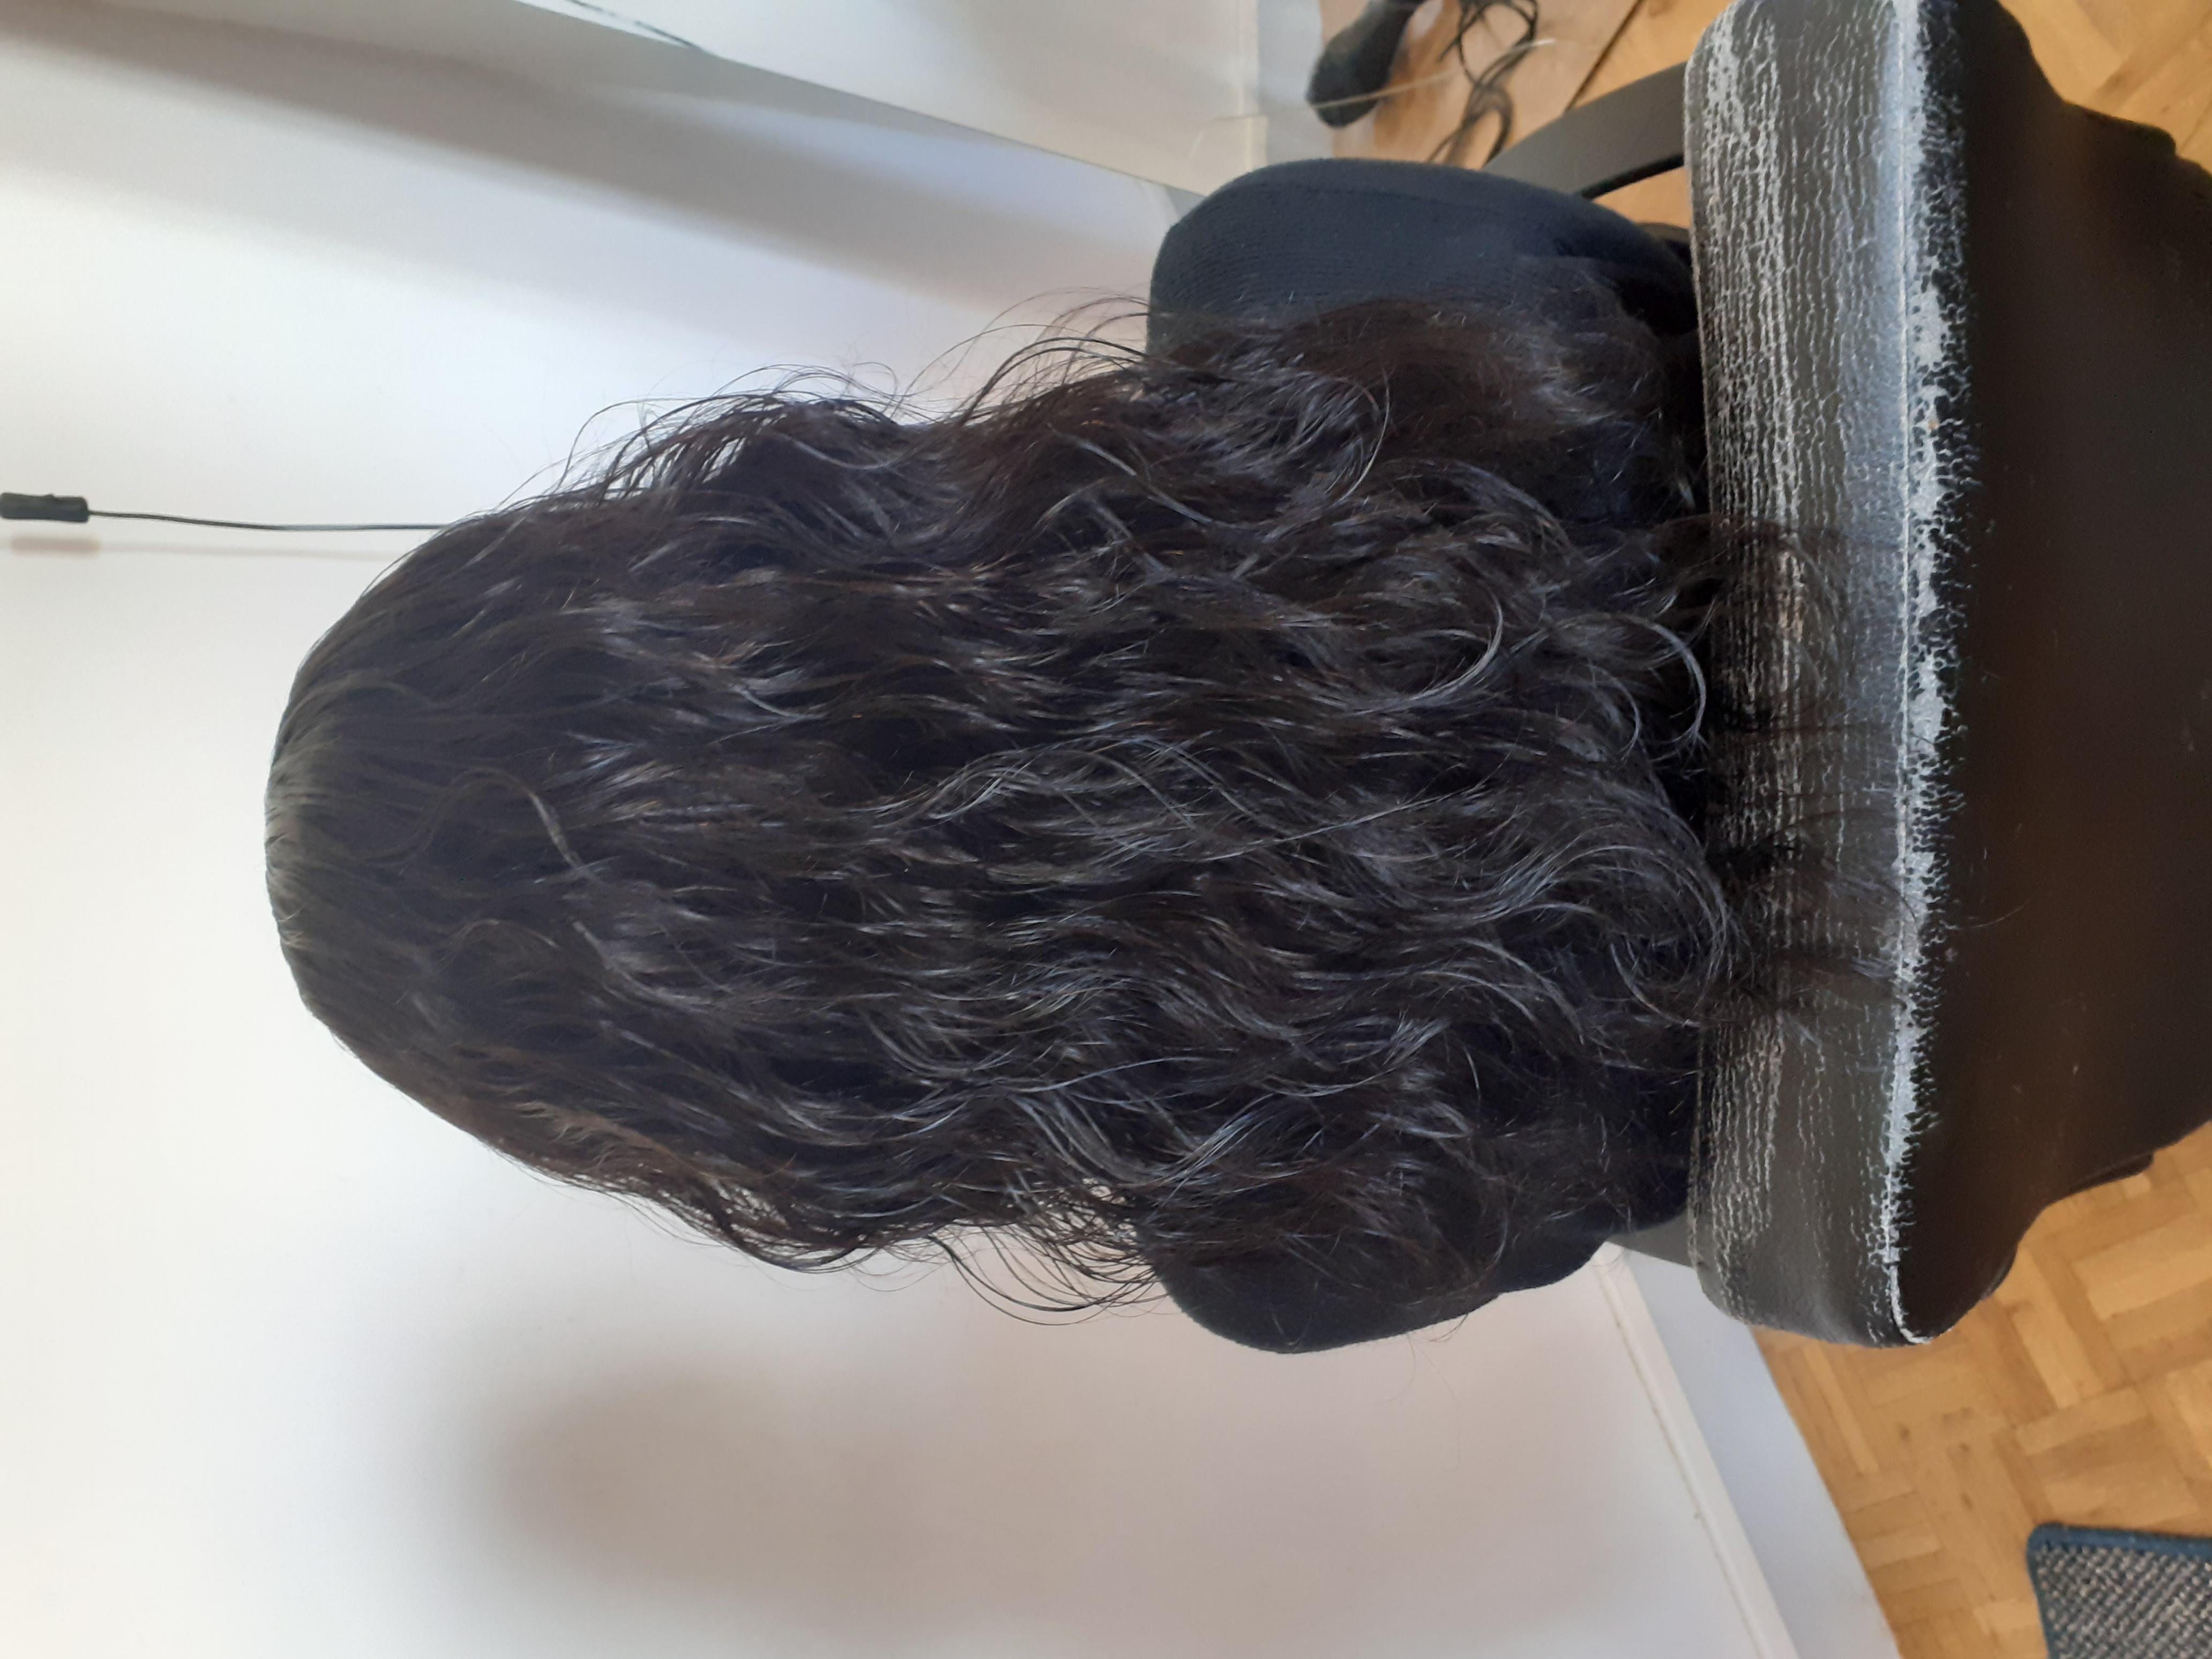 salon de coiffure afro tresse tresses box braids crochet braids vanilles tissages paris 75 77 78 91 92 93 94 95 EXMCYUAP